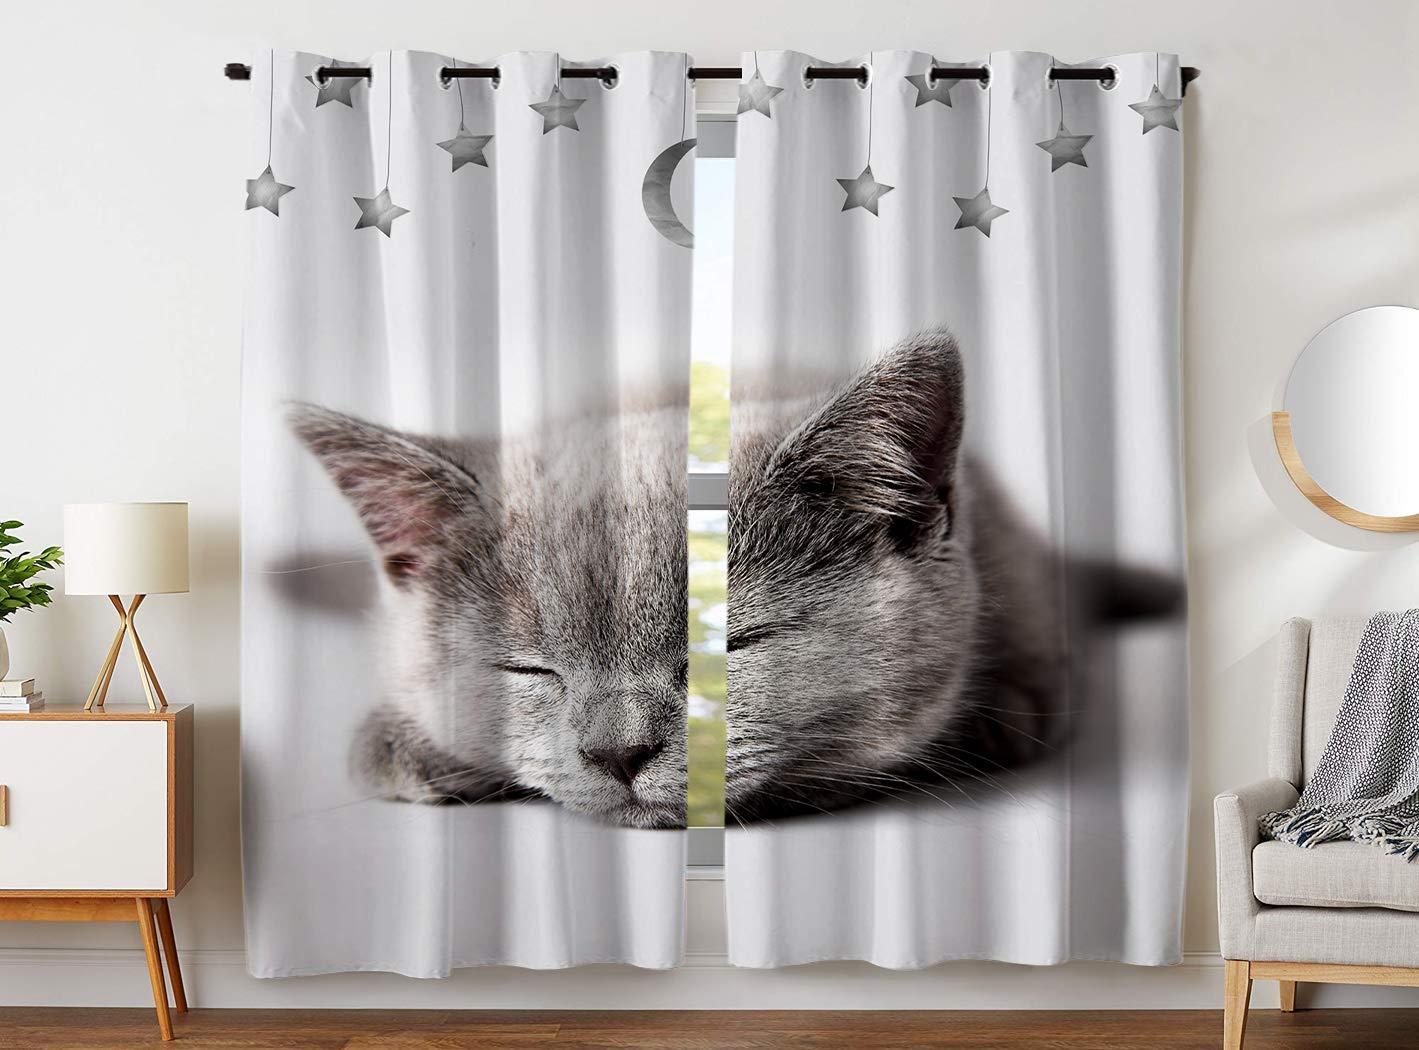 YISUMEI - Gardinen Blickdichter - Katzensternmond,245 x 140 cm 2er Set Vorhang Verdunkelung mit Ösen für Schlafzimmer Wohnzimmer